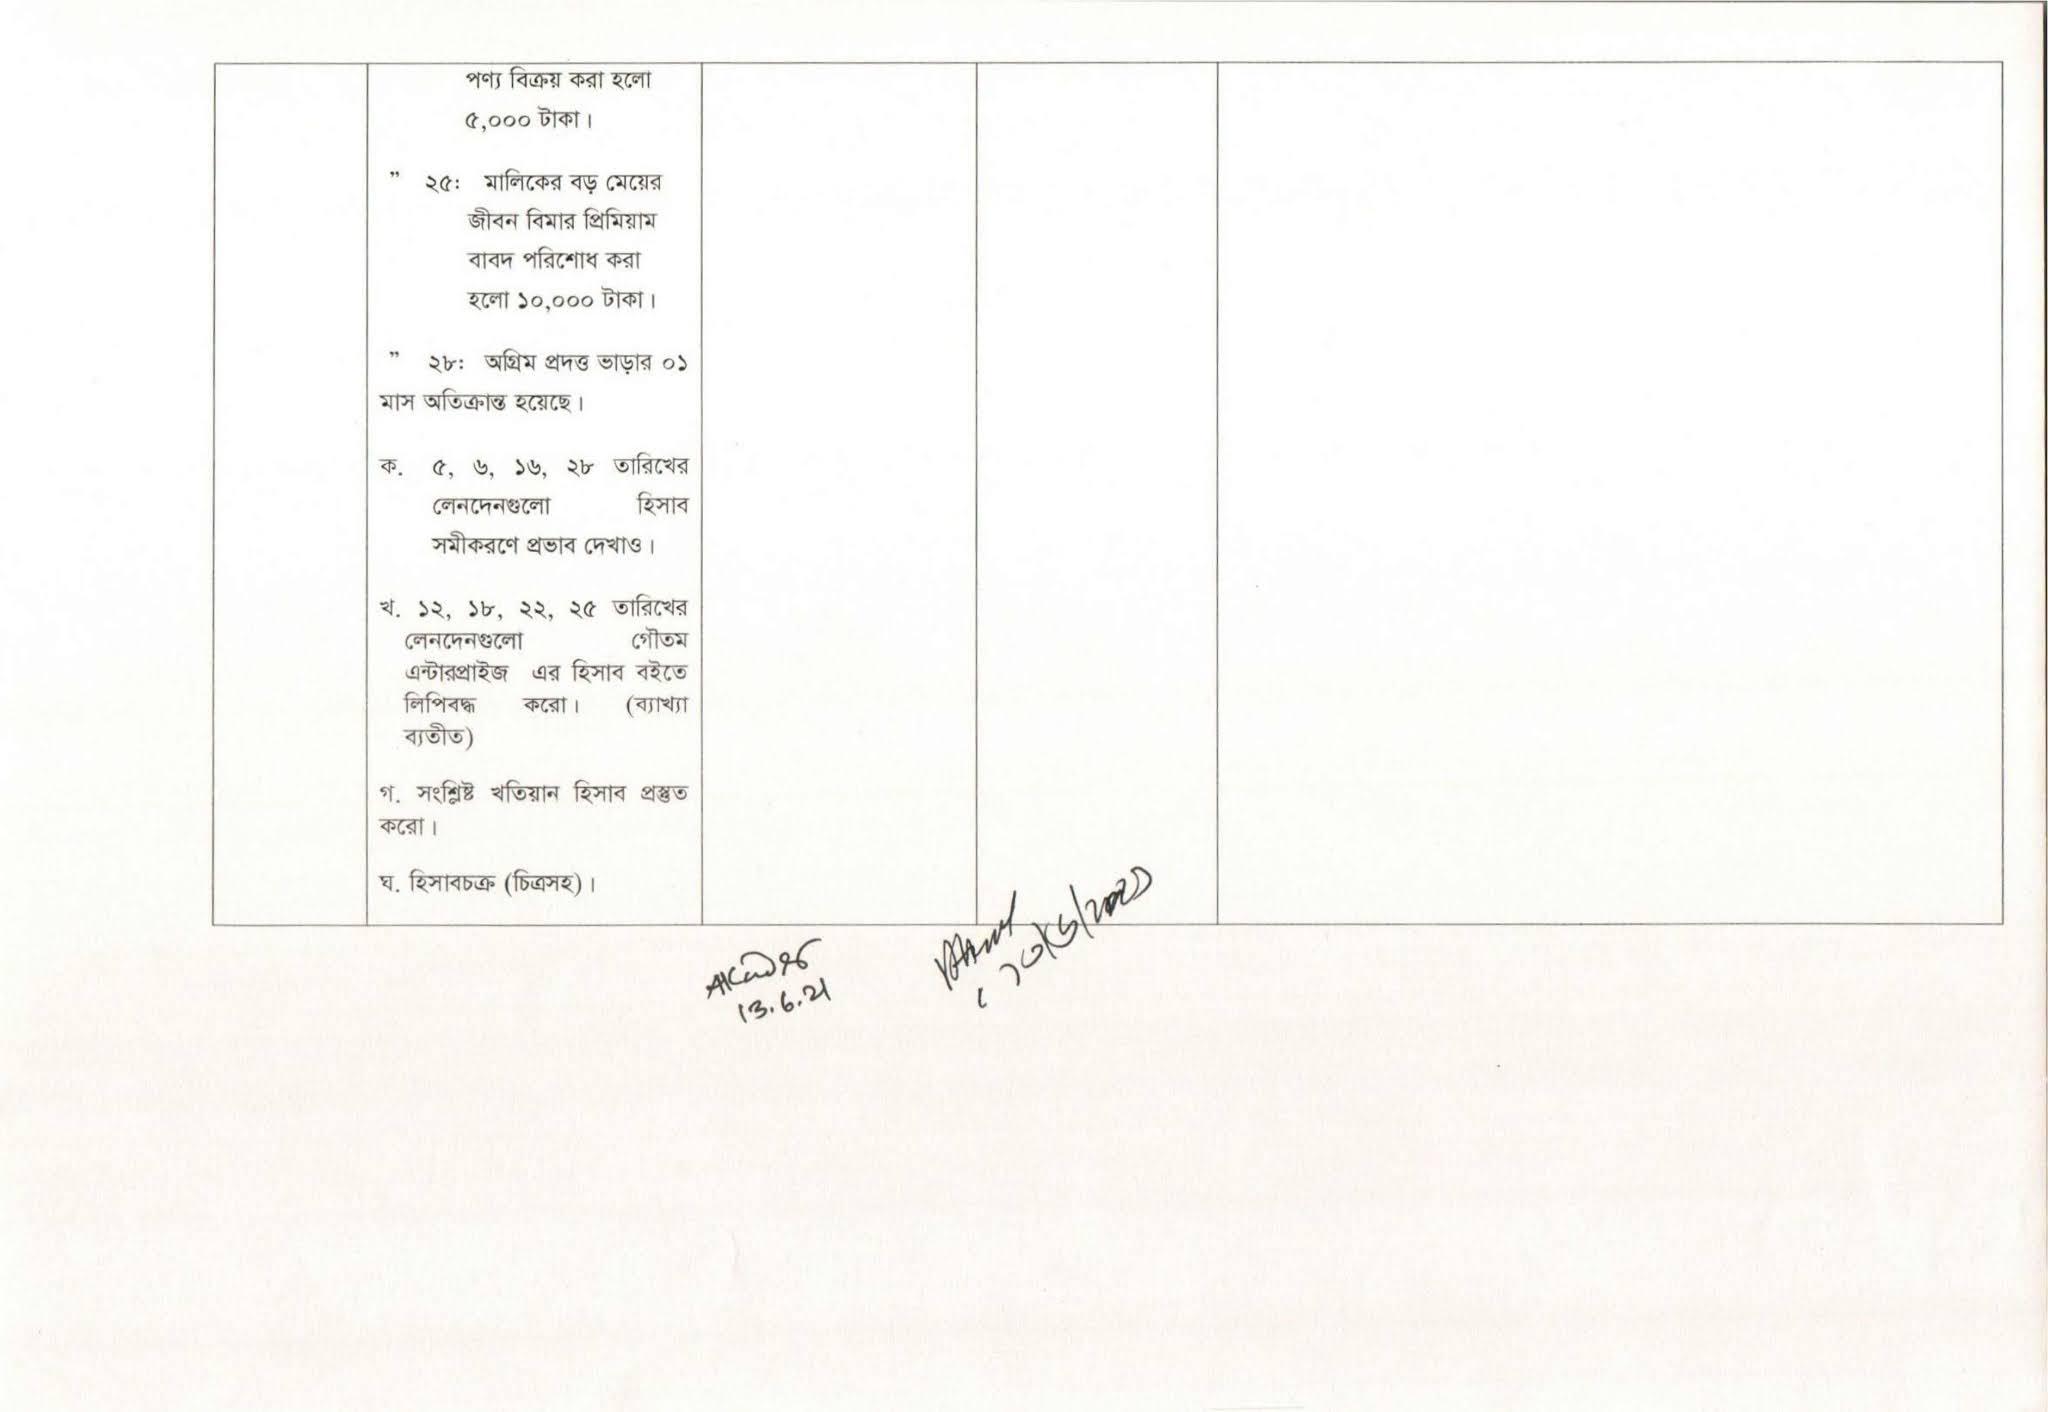 এইচএসসি ১ম সপ্তাহের এসাইনমেন্ট হিসাববিজ্ঞান পত্র প্রশ্ন ২০২১